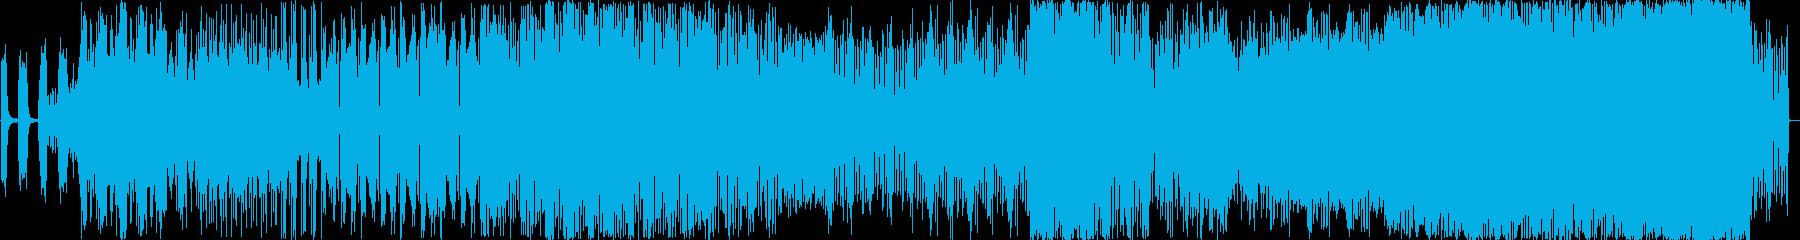 重厚感漂うアンビエントサウンドの再生済みの波形